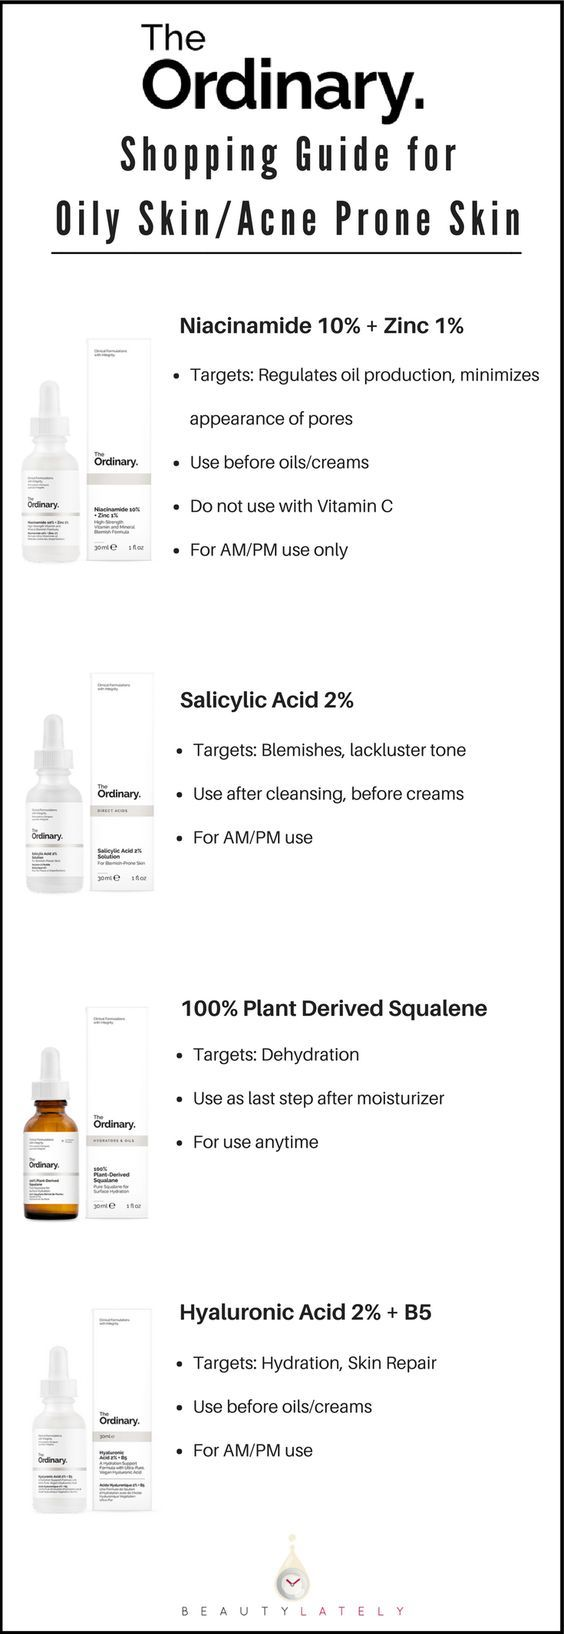 Der gewöhnliche Leitfaden für die Hautpflege bei fettiger, zu Akne neigender Haut – Make-up Products, Tools & Tutorials